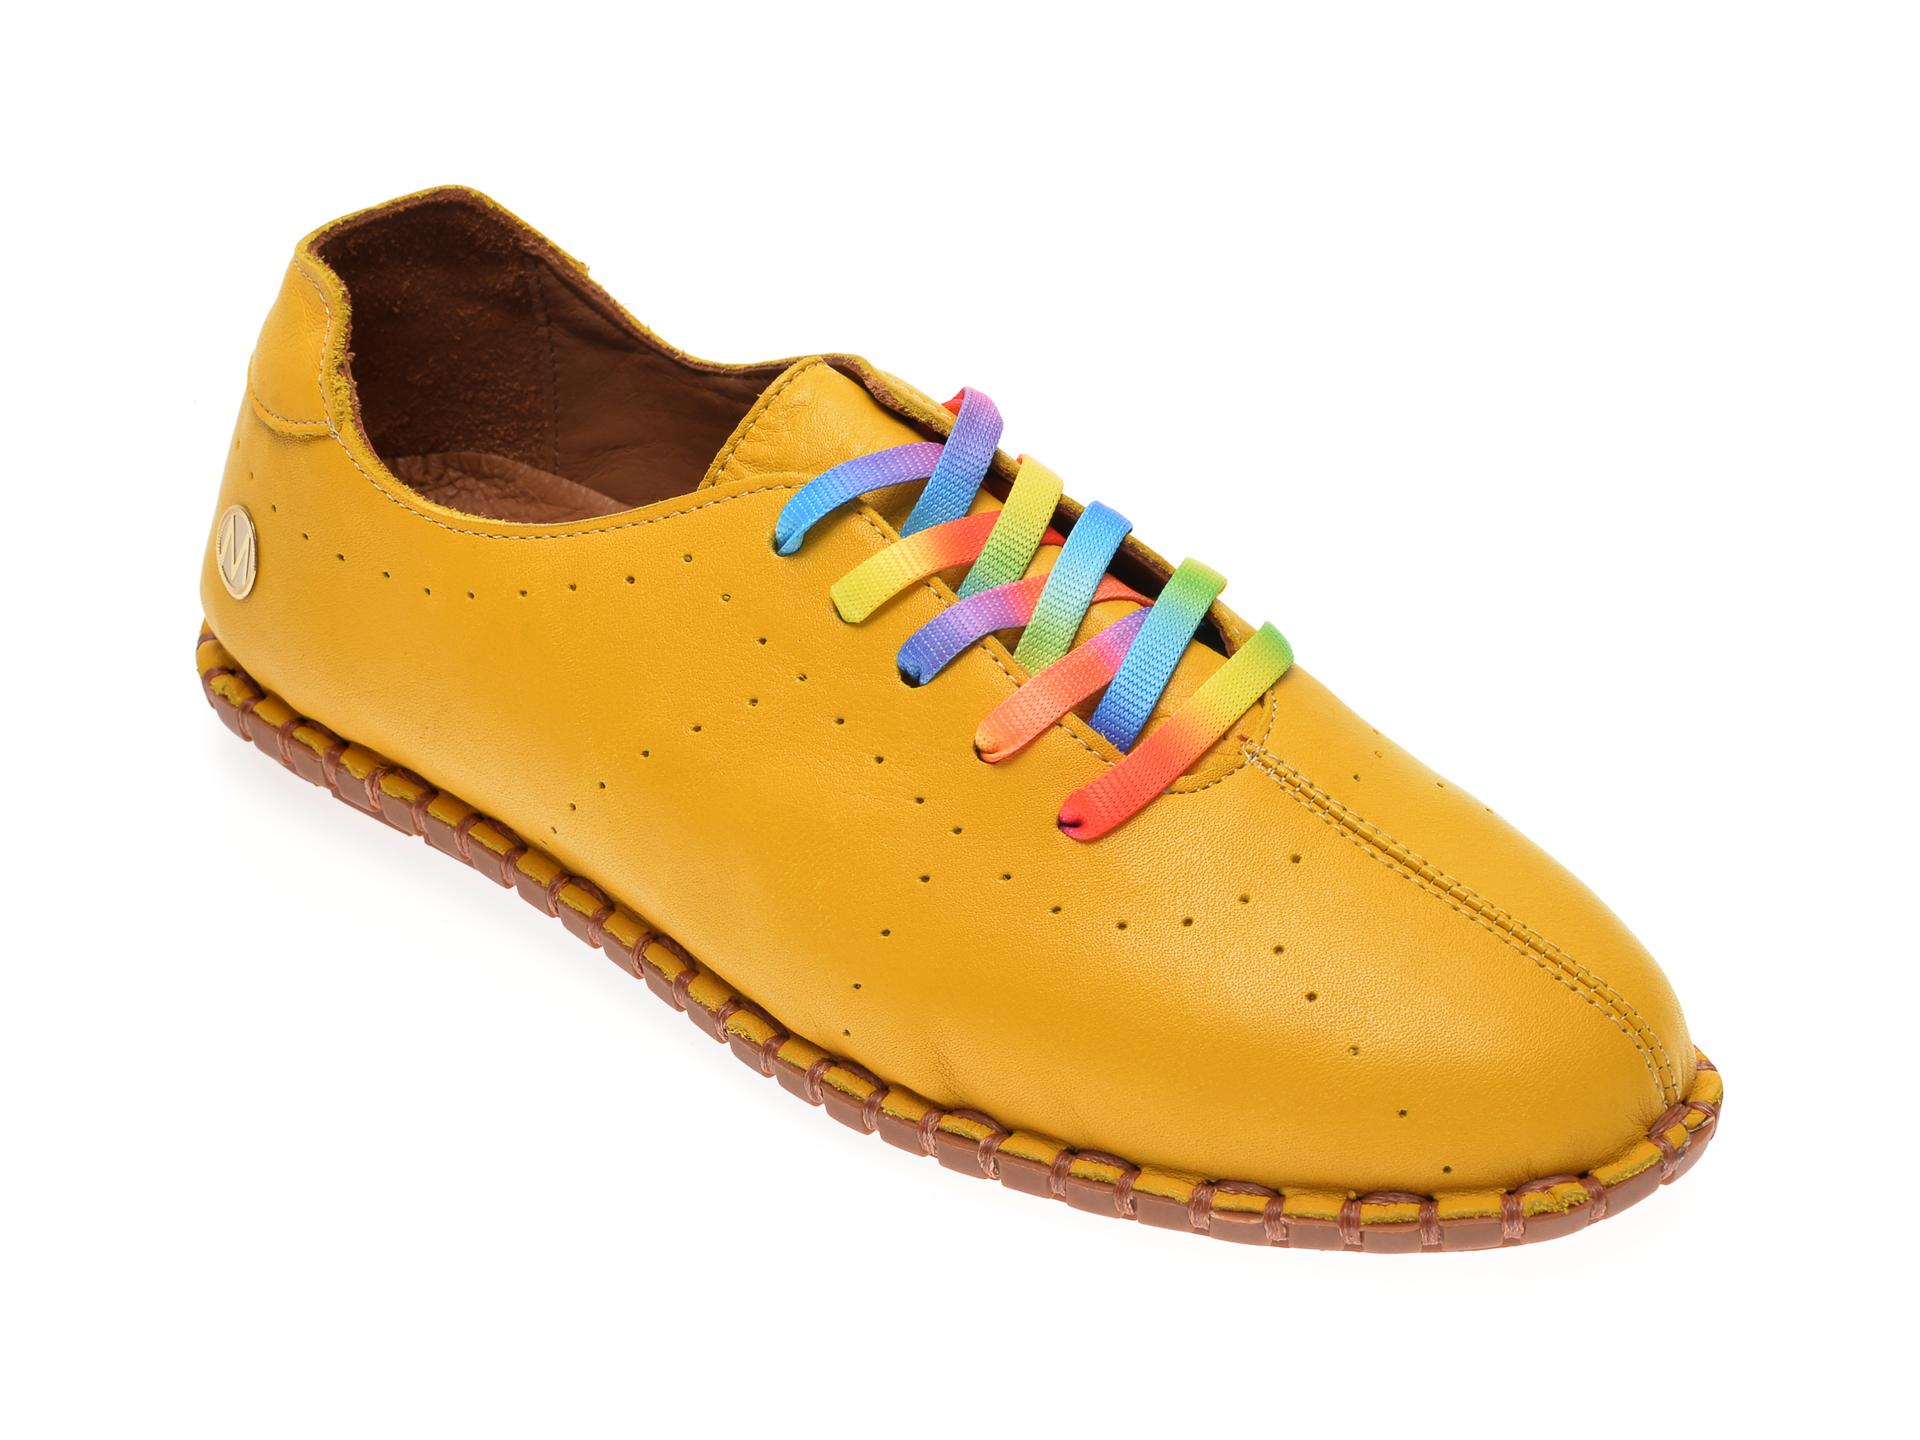 Pantofi MESSIMODA galbeni, 20Y2902, din piele naturala